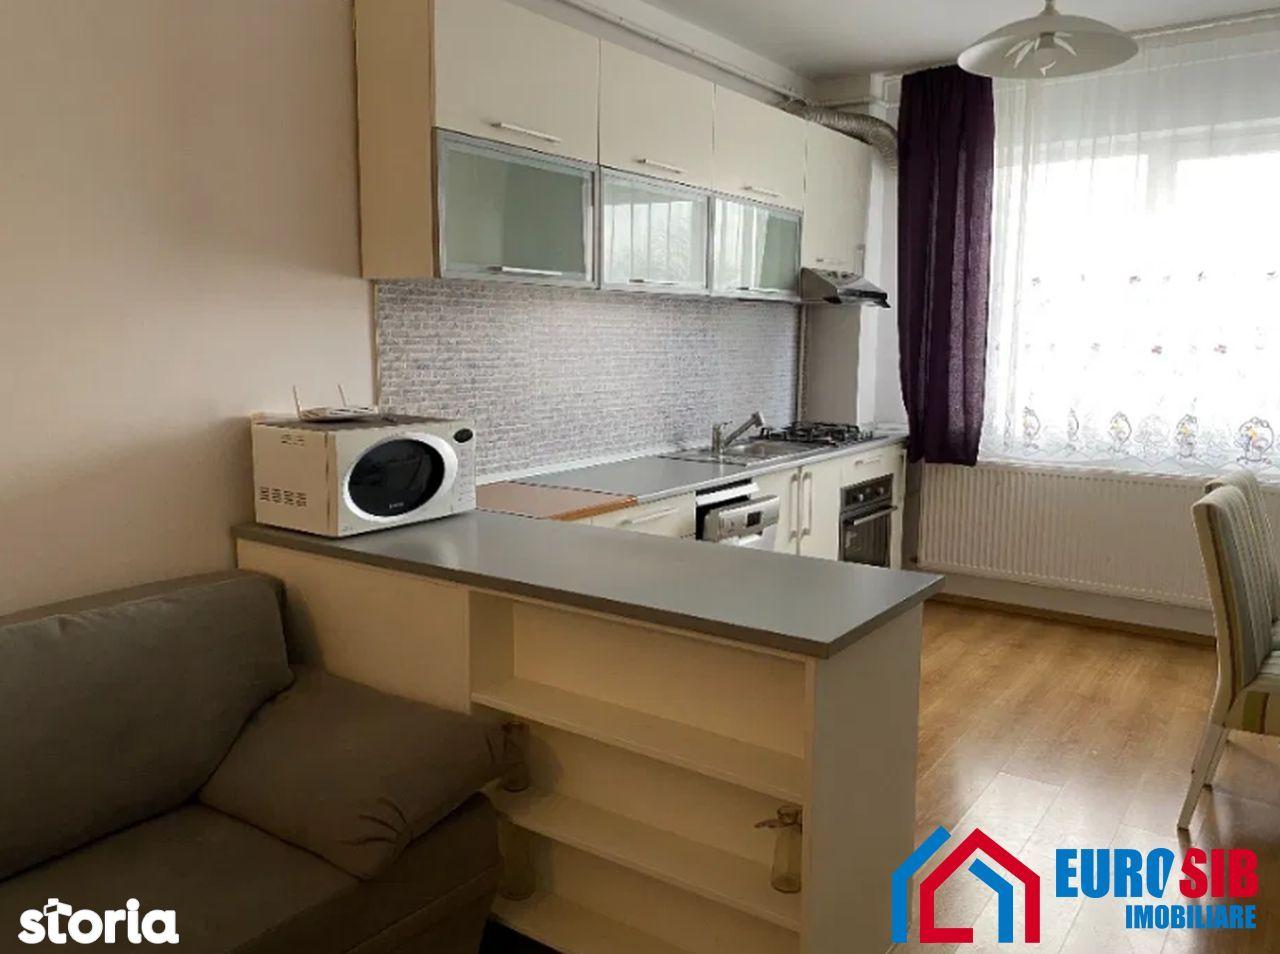 Apartament cu 3 camere de închiriat în Sibiu zona Ștrand